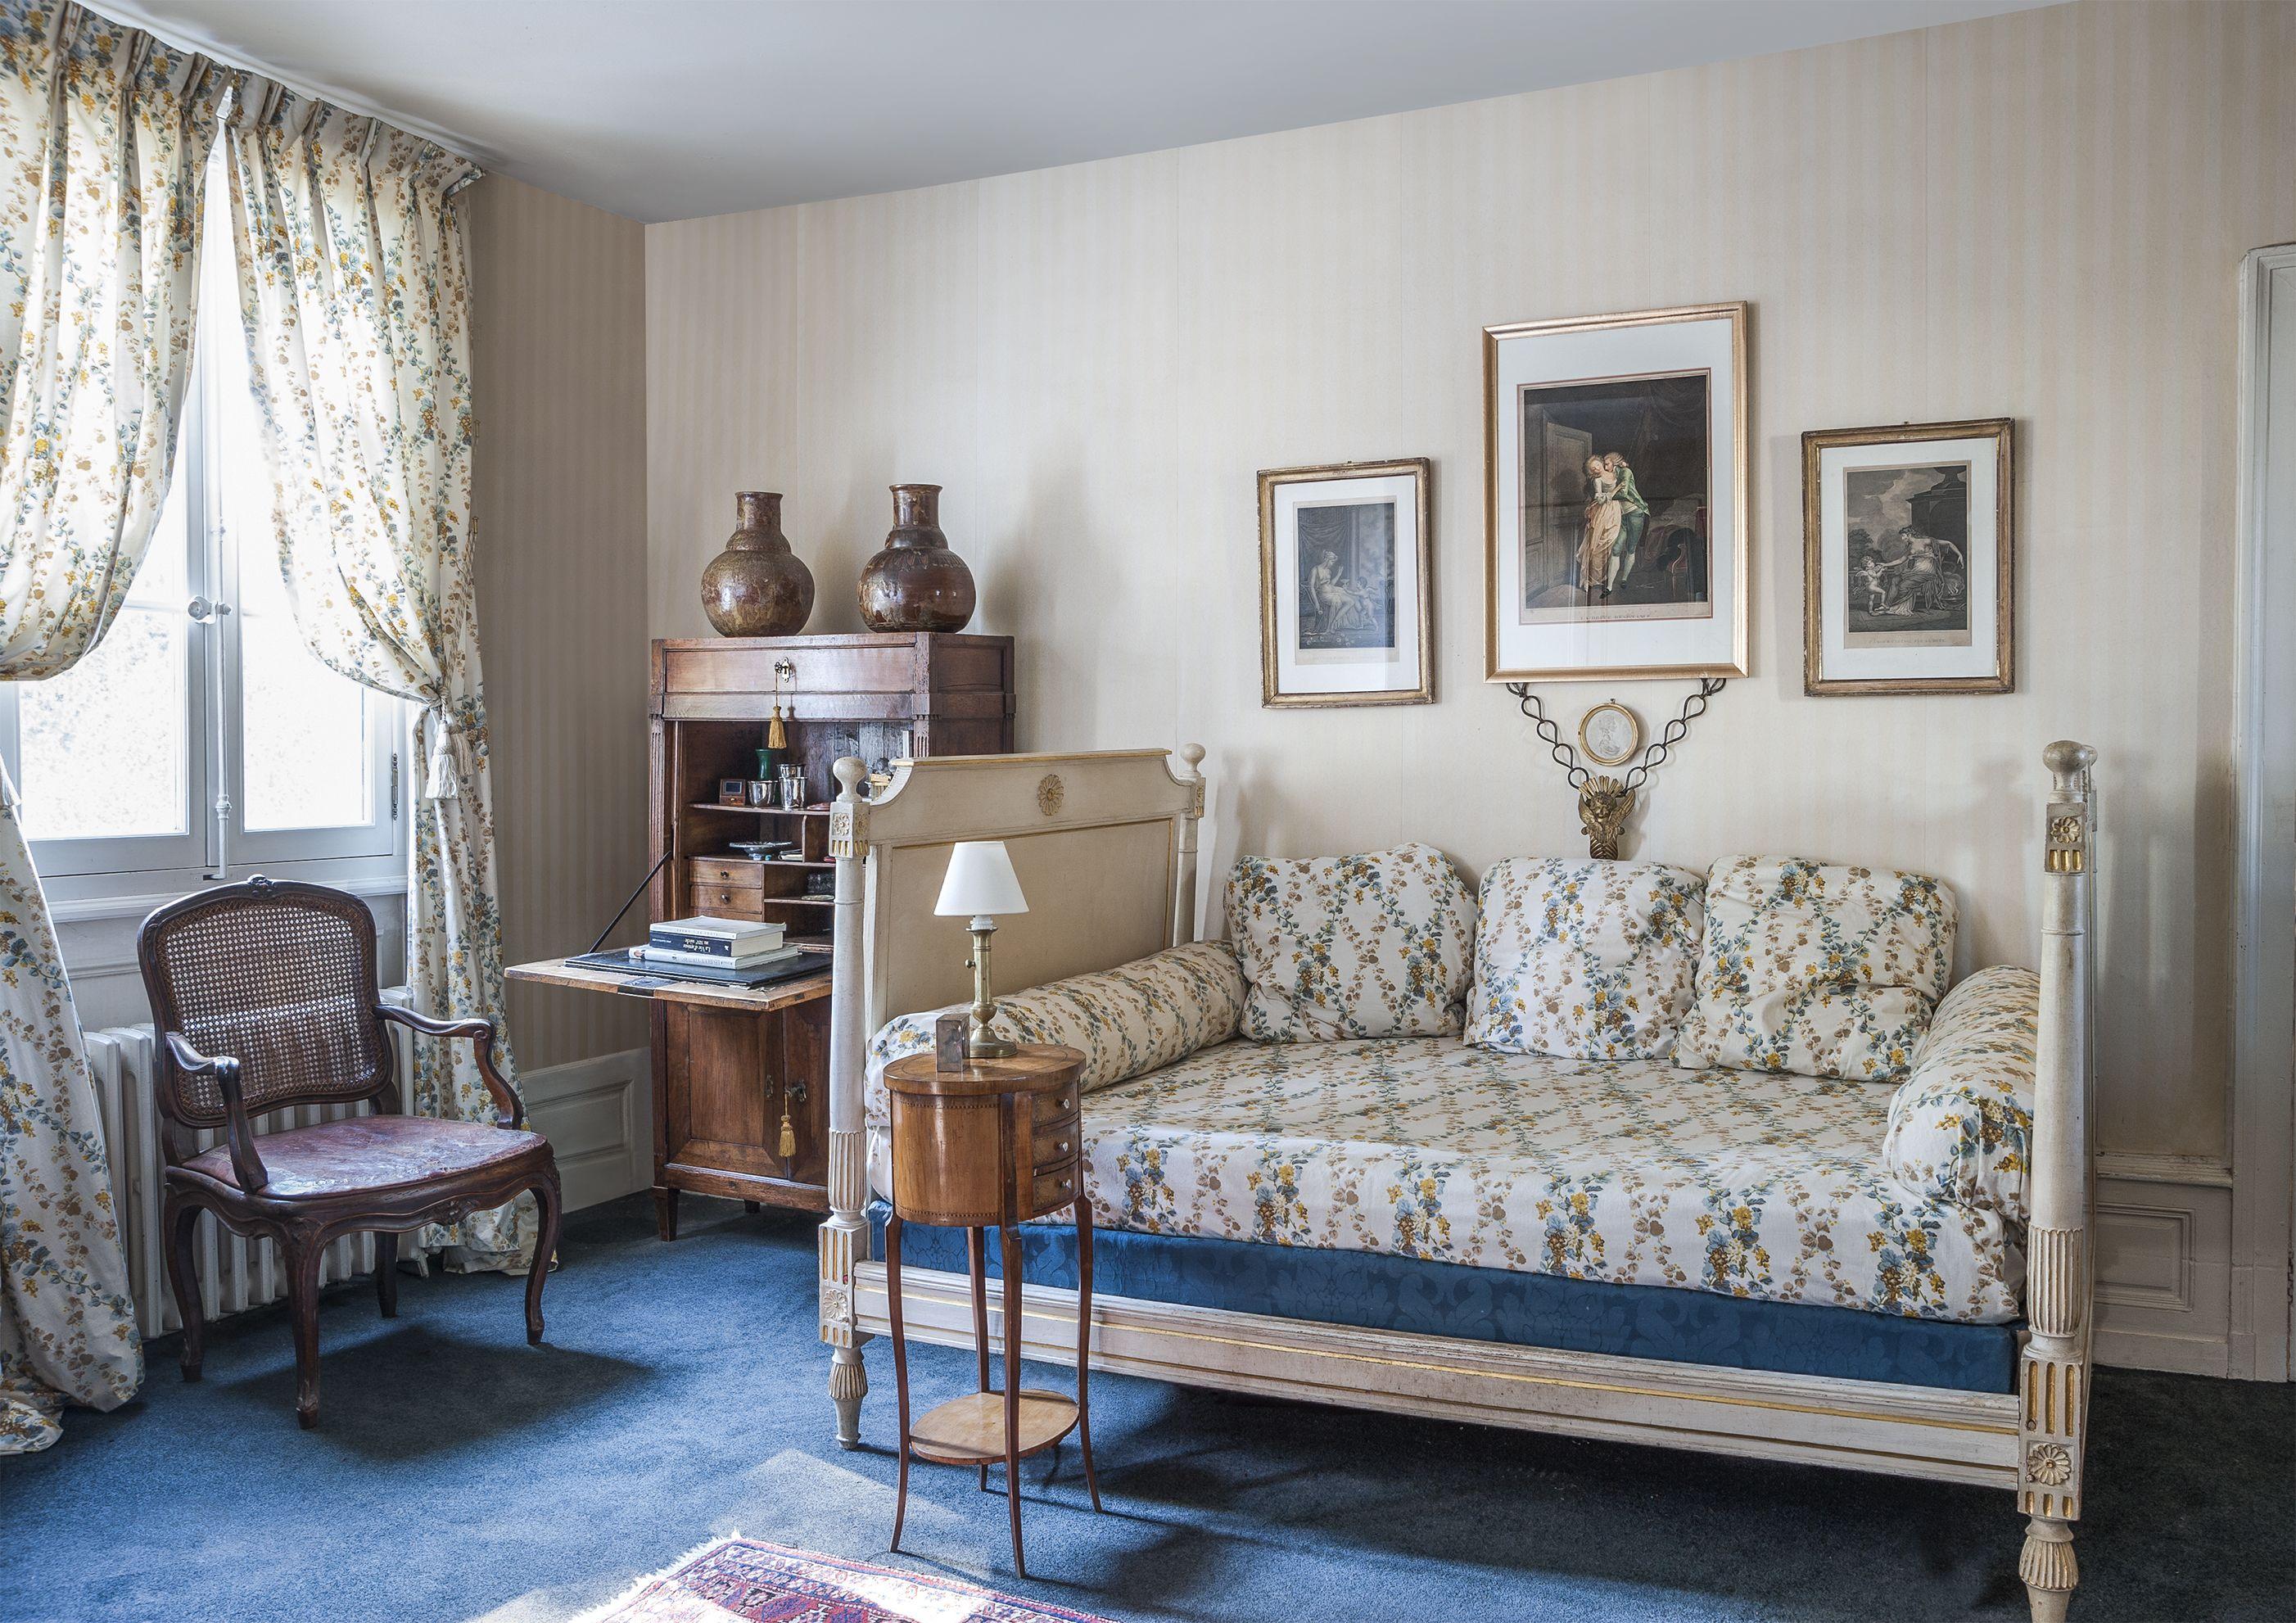 francouzský styl bydlení a jeho zásady